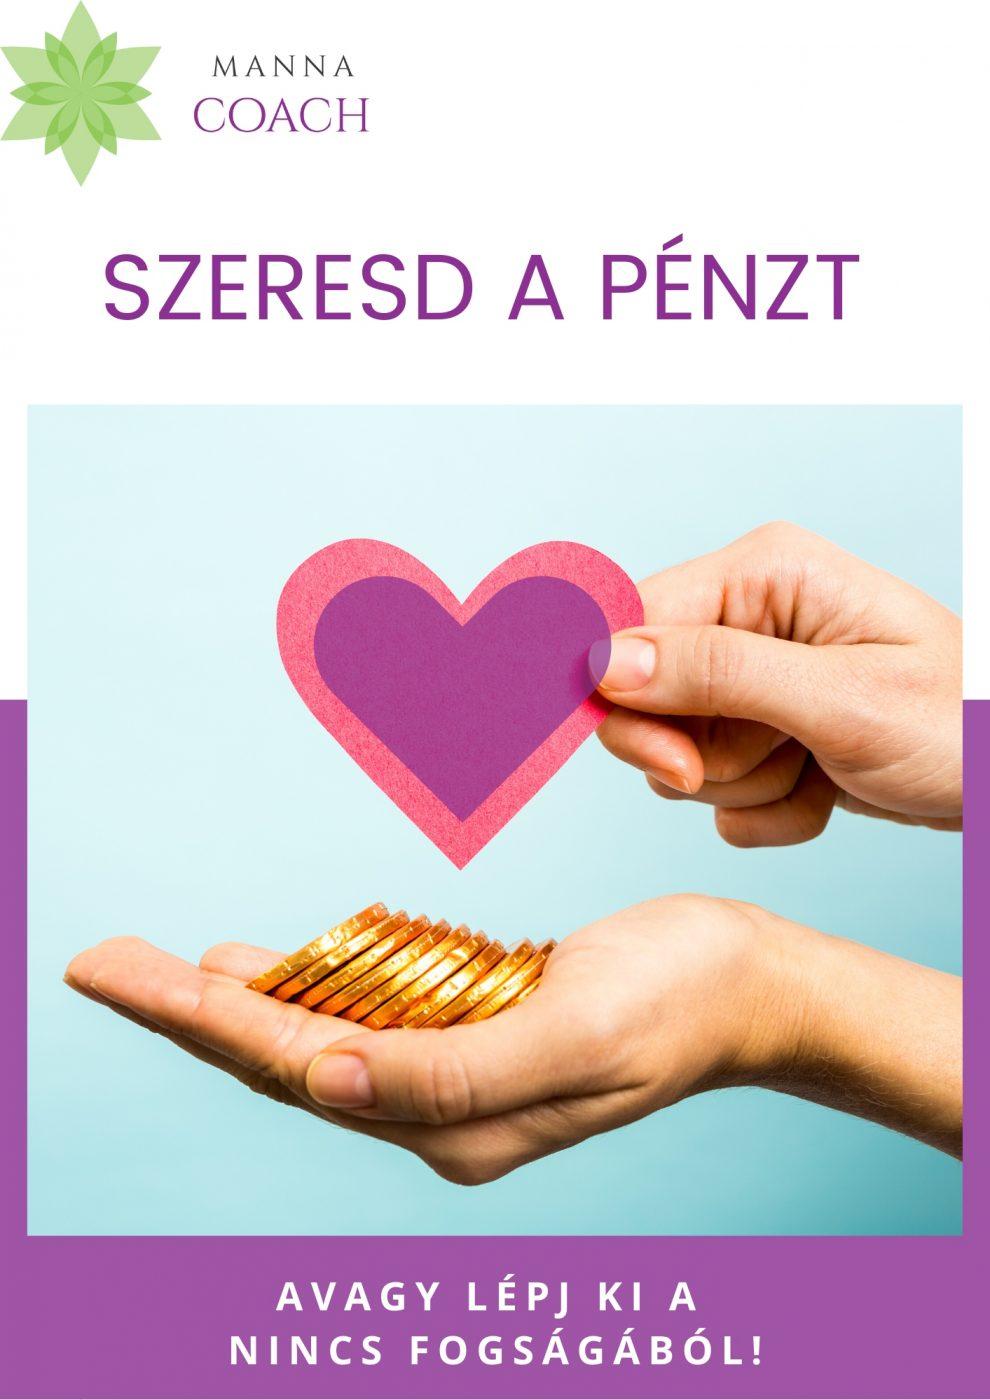 Szeresd a pénzt e-book borító